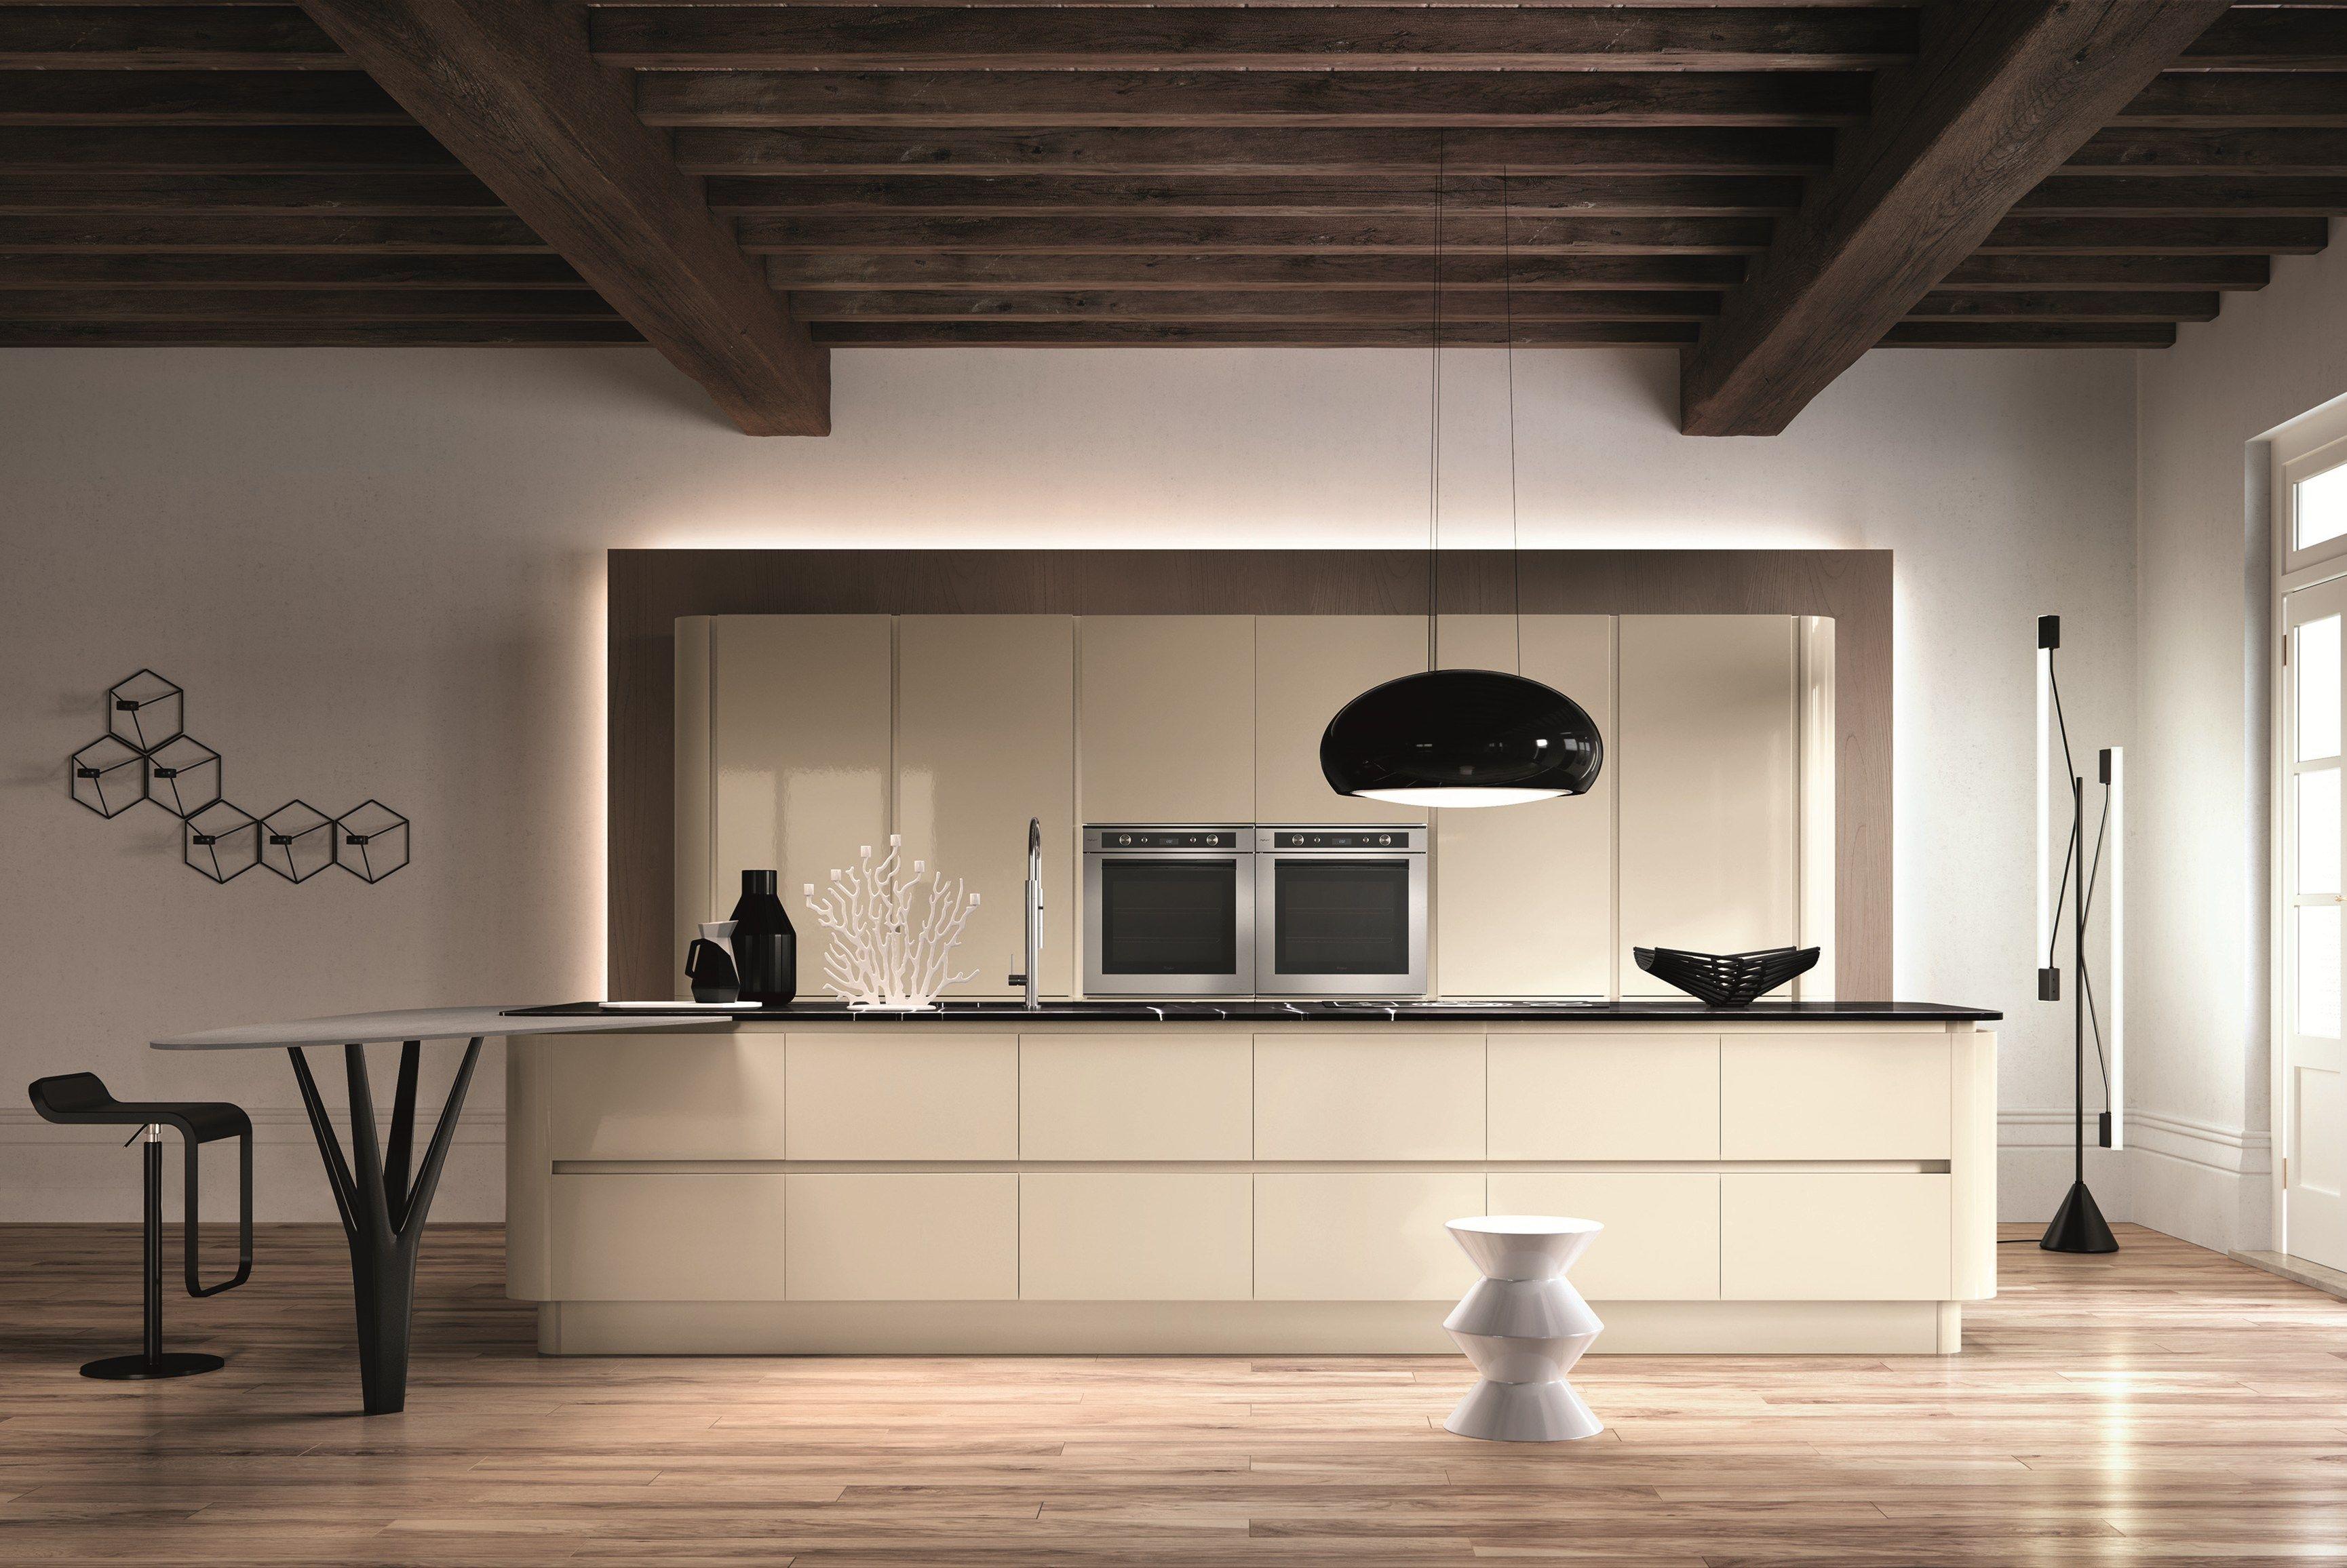 DOMINA Cocina con isla by Aster Cucine diseño Lorenzo Granocchia ...